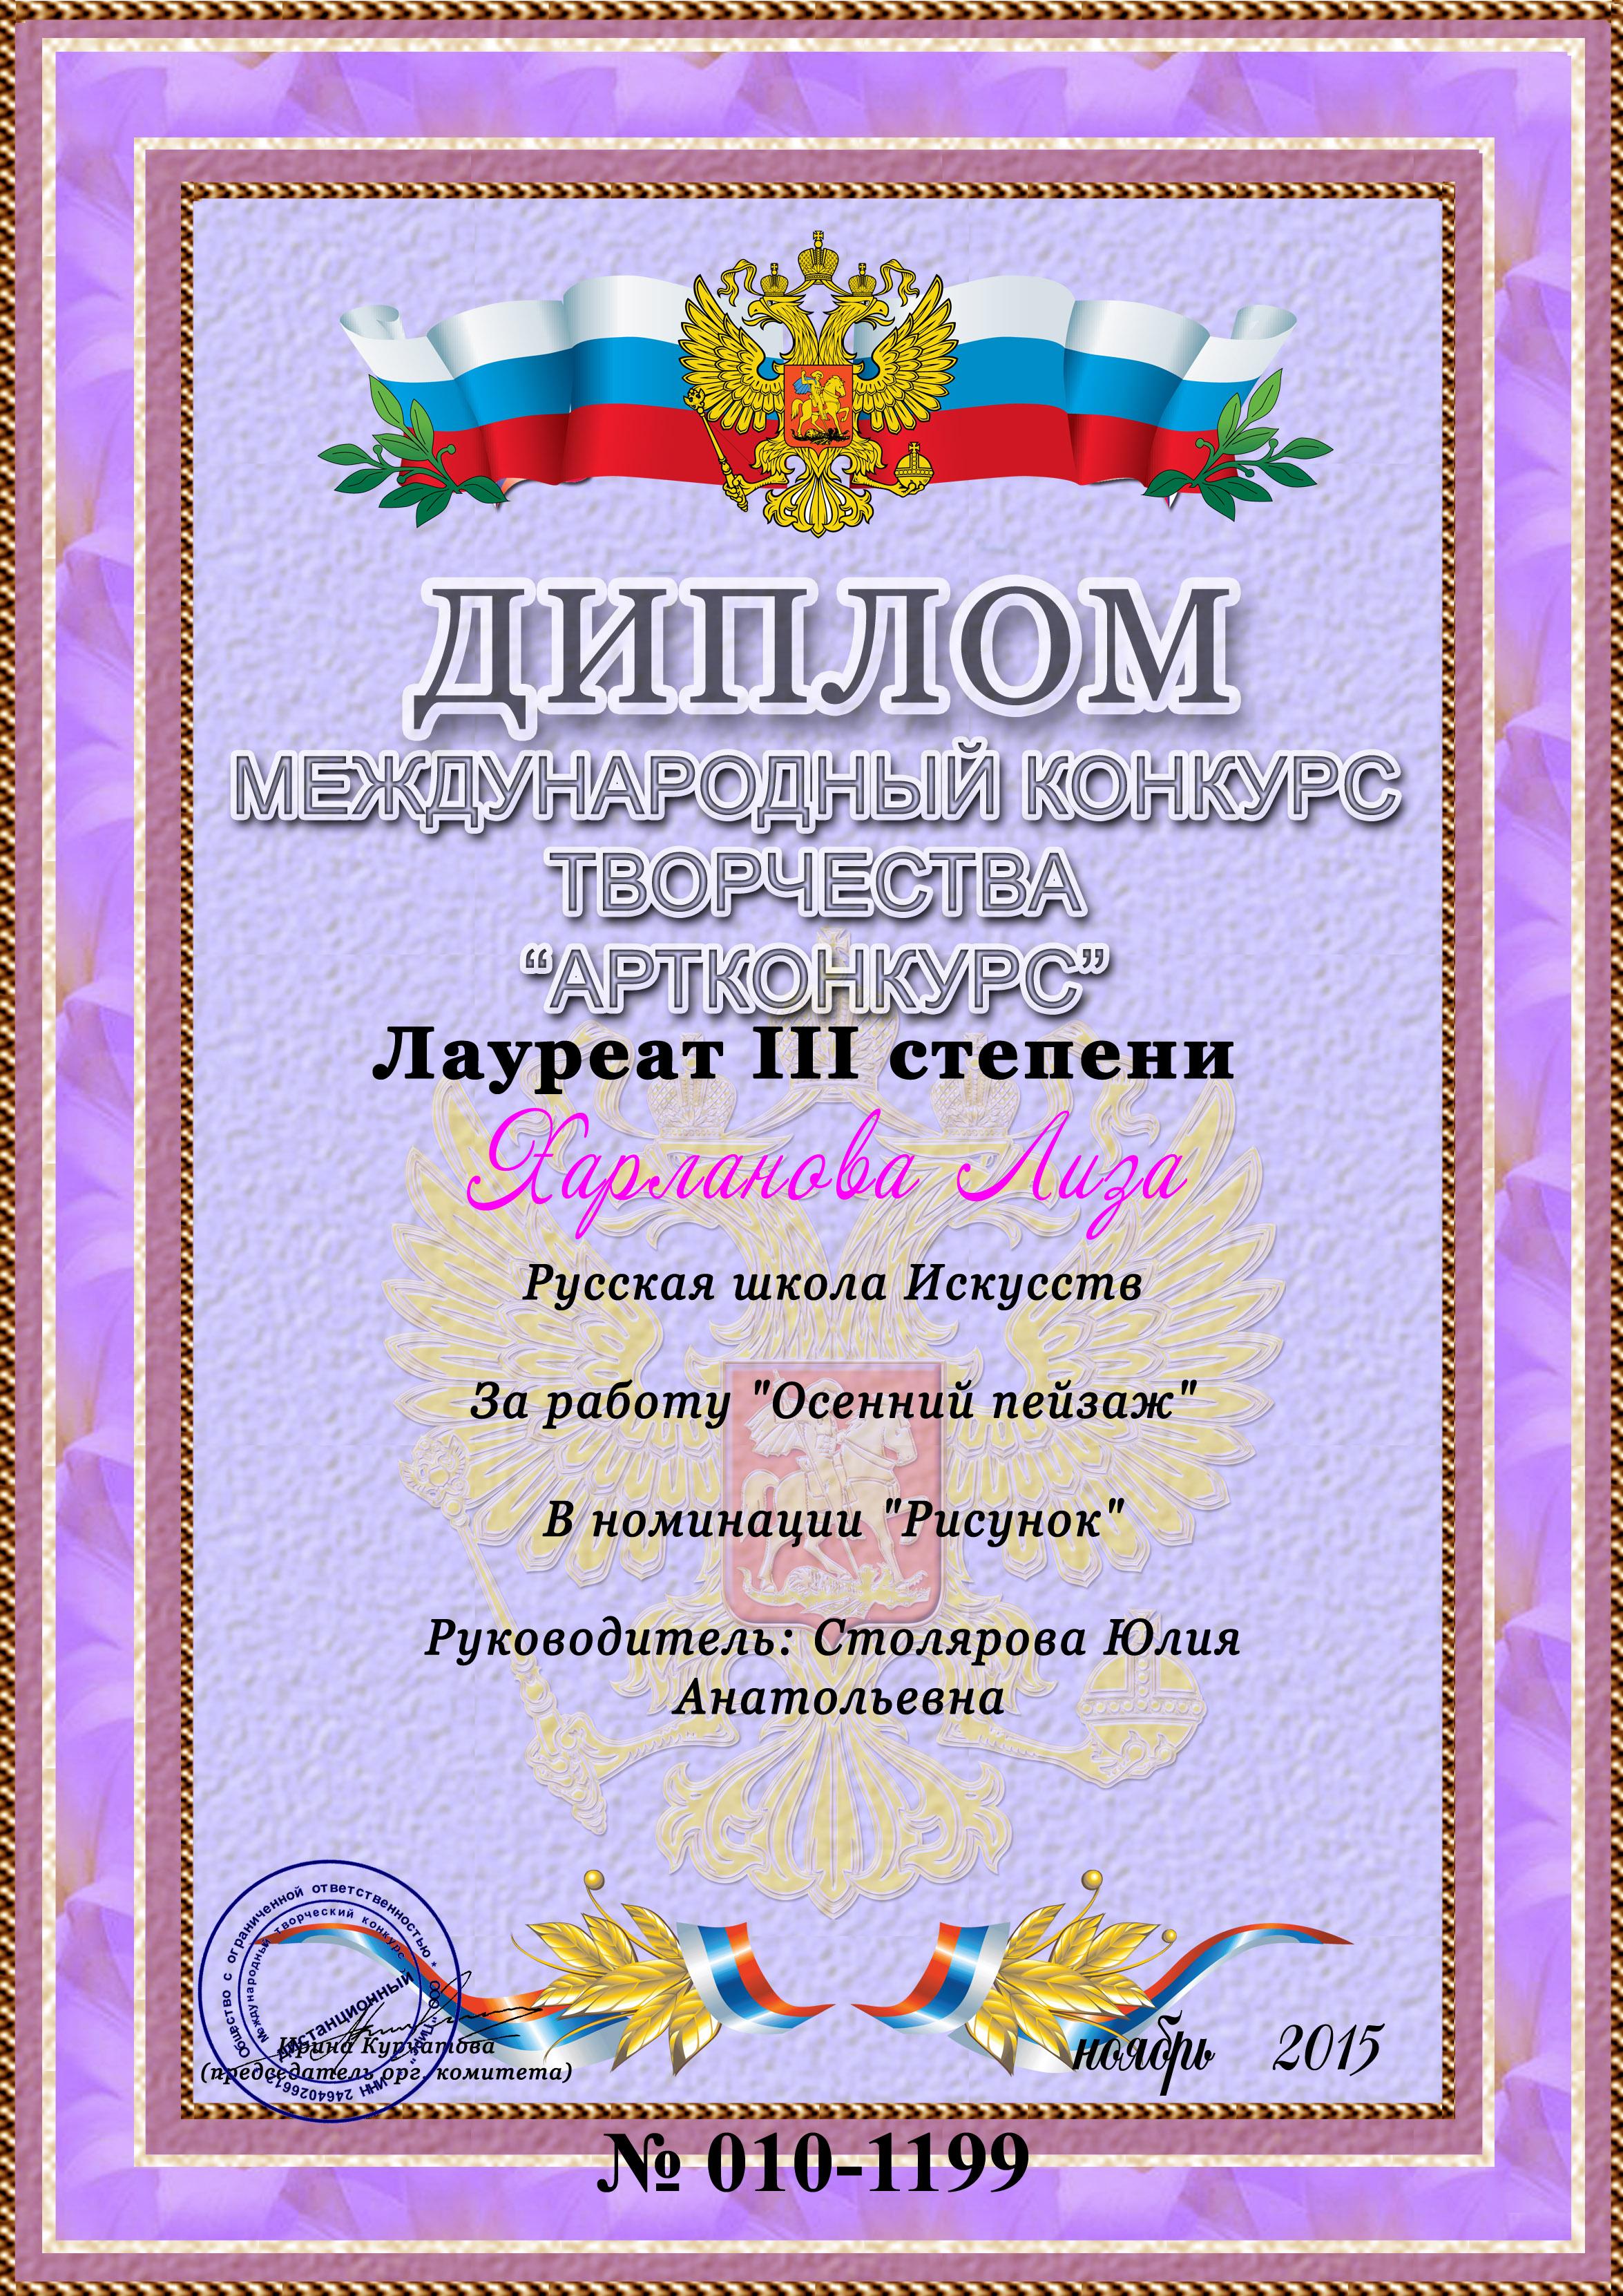 Филаткина Даша - с эффектами